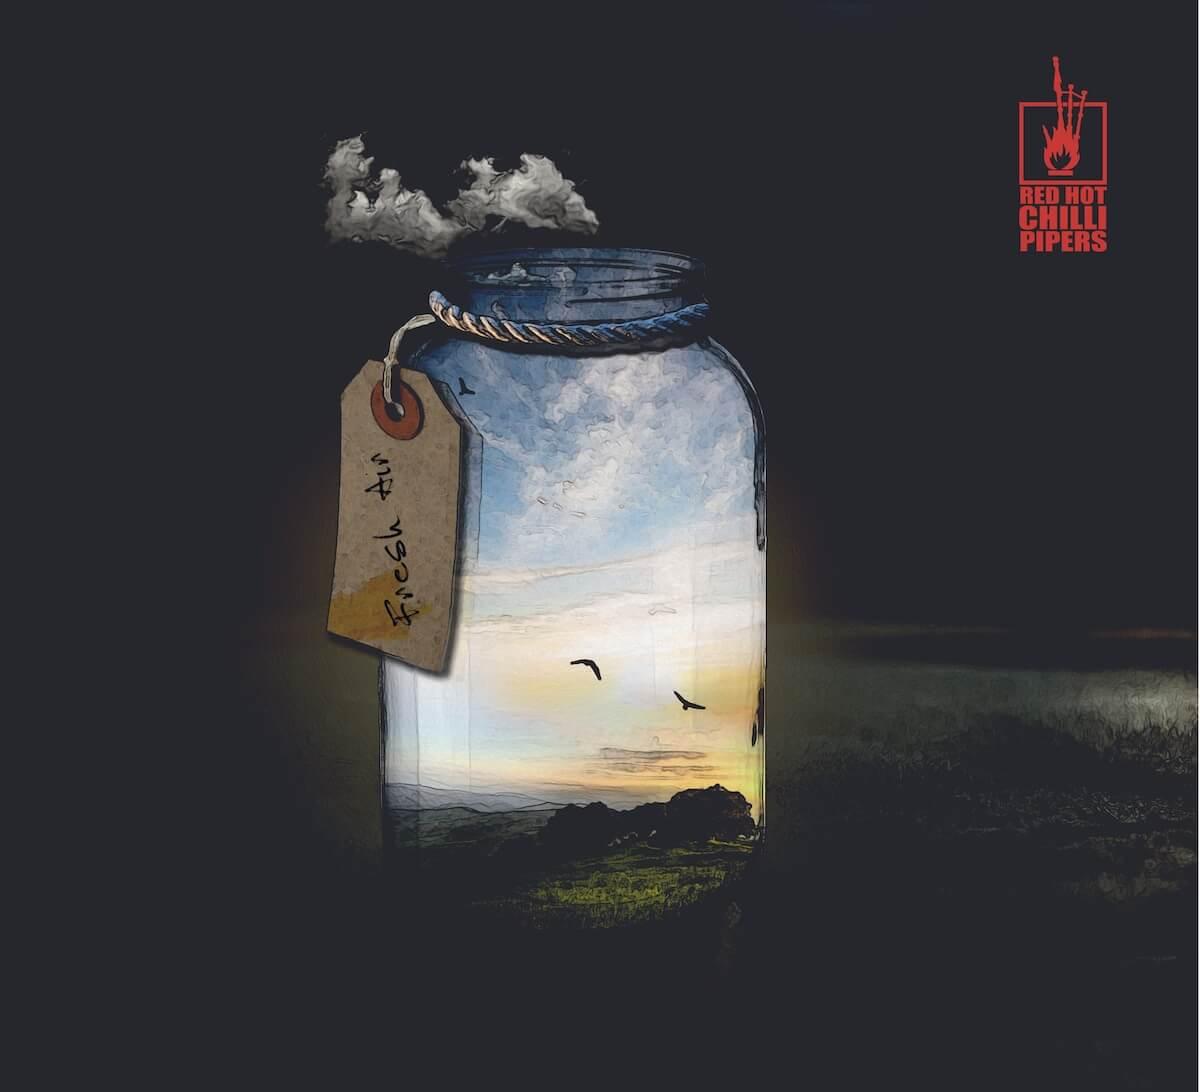 <フジロック2019>出演のレッド・ホット・チリ・パイパーズの最新アルバム『FRESH AIR』がリリース決定|ライブ音源2曲を追加収録 REXY4_JACKET